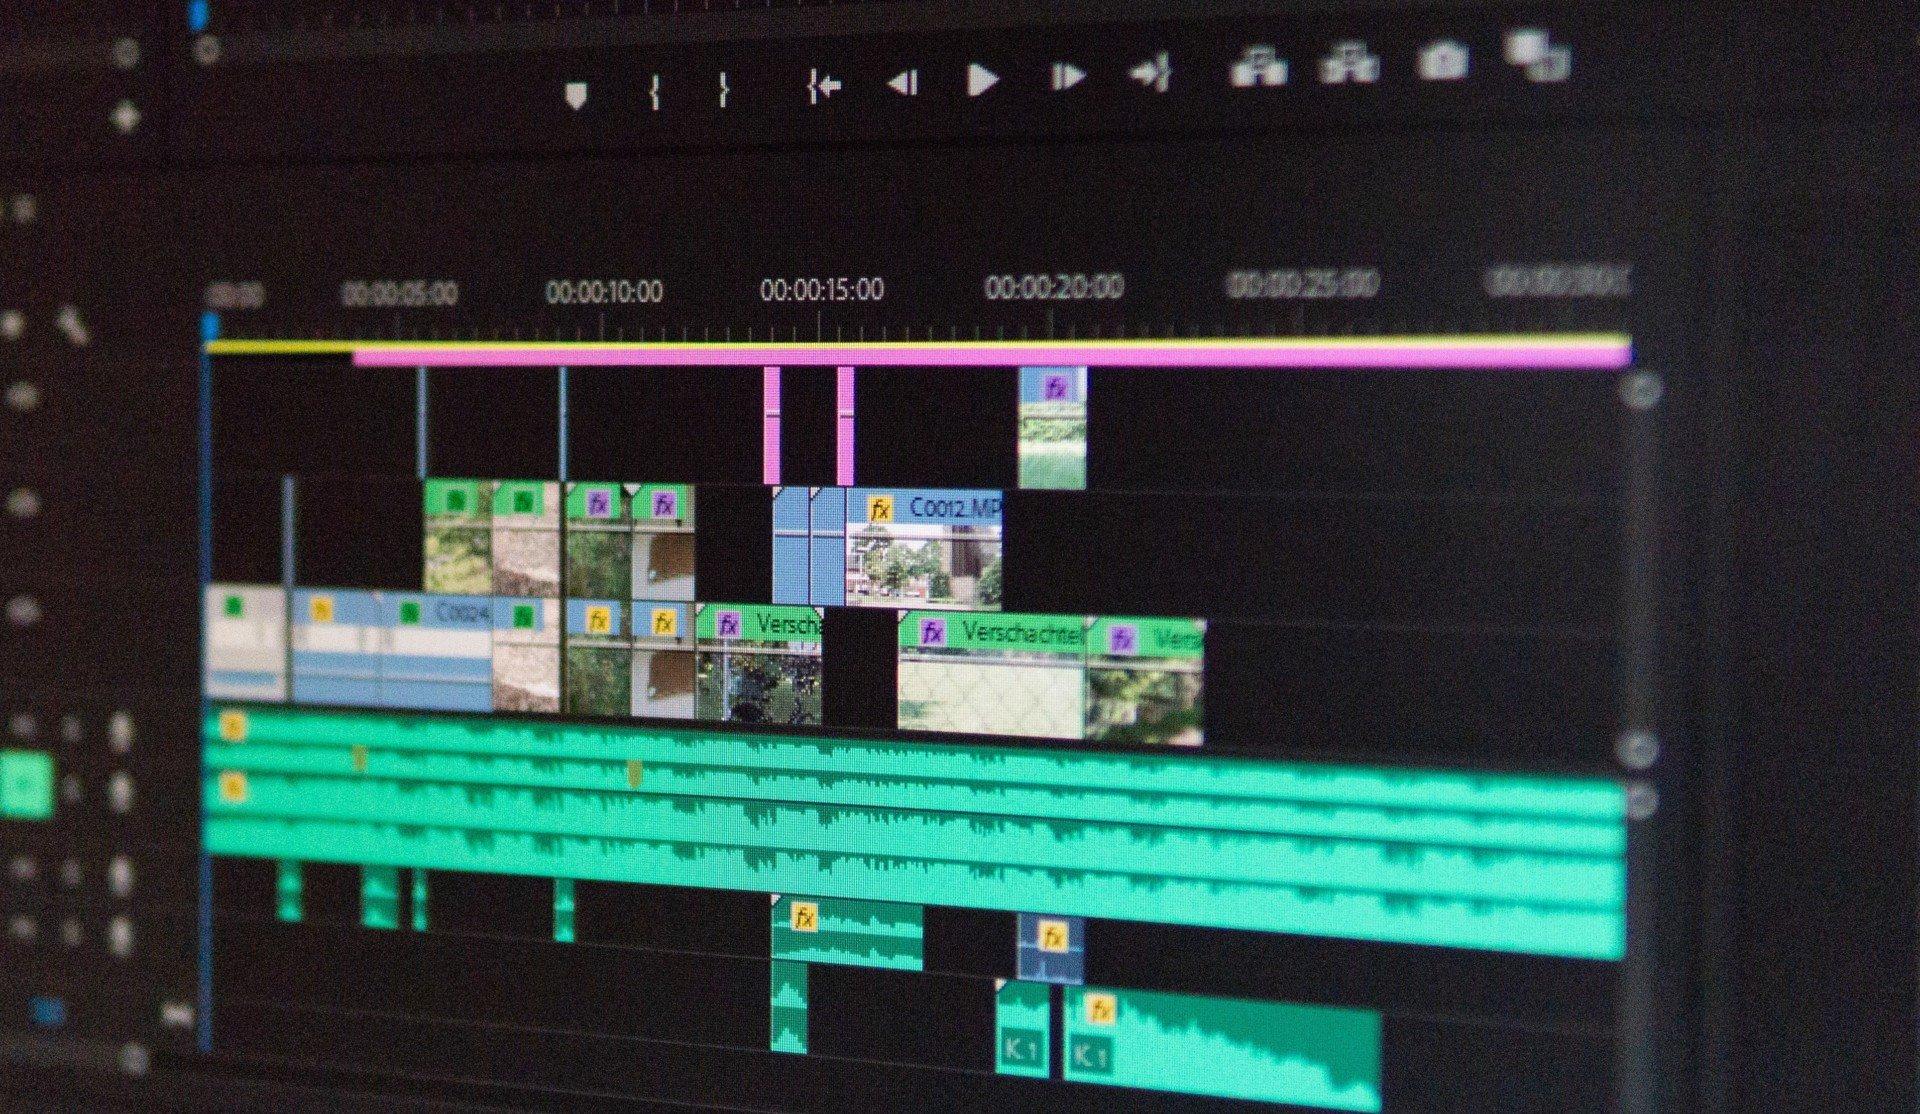 Les Meilleures Applications De Montage Vidéo Sur Android En 2020 tout Jeux Video En Ligne Gratuit Sans Téléchargement